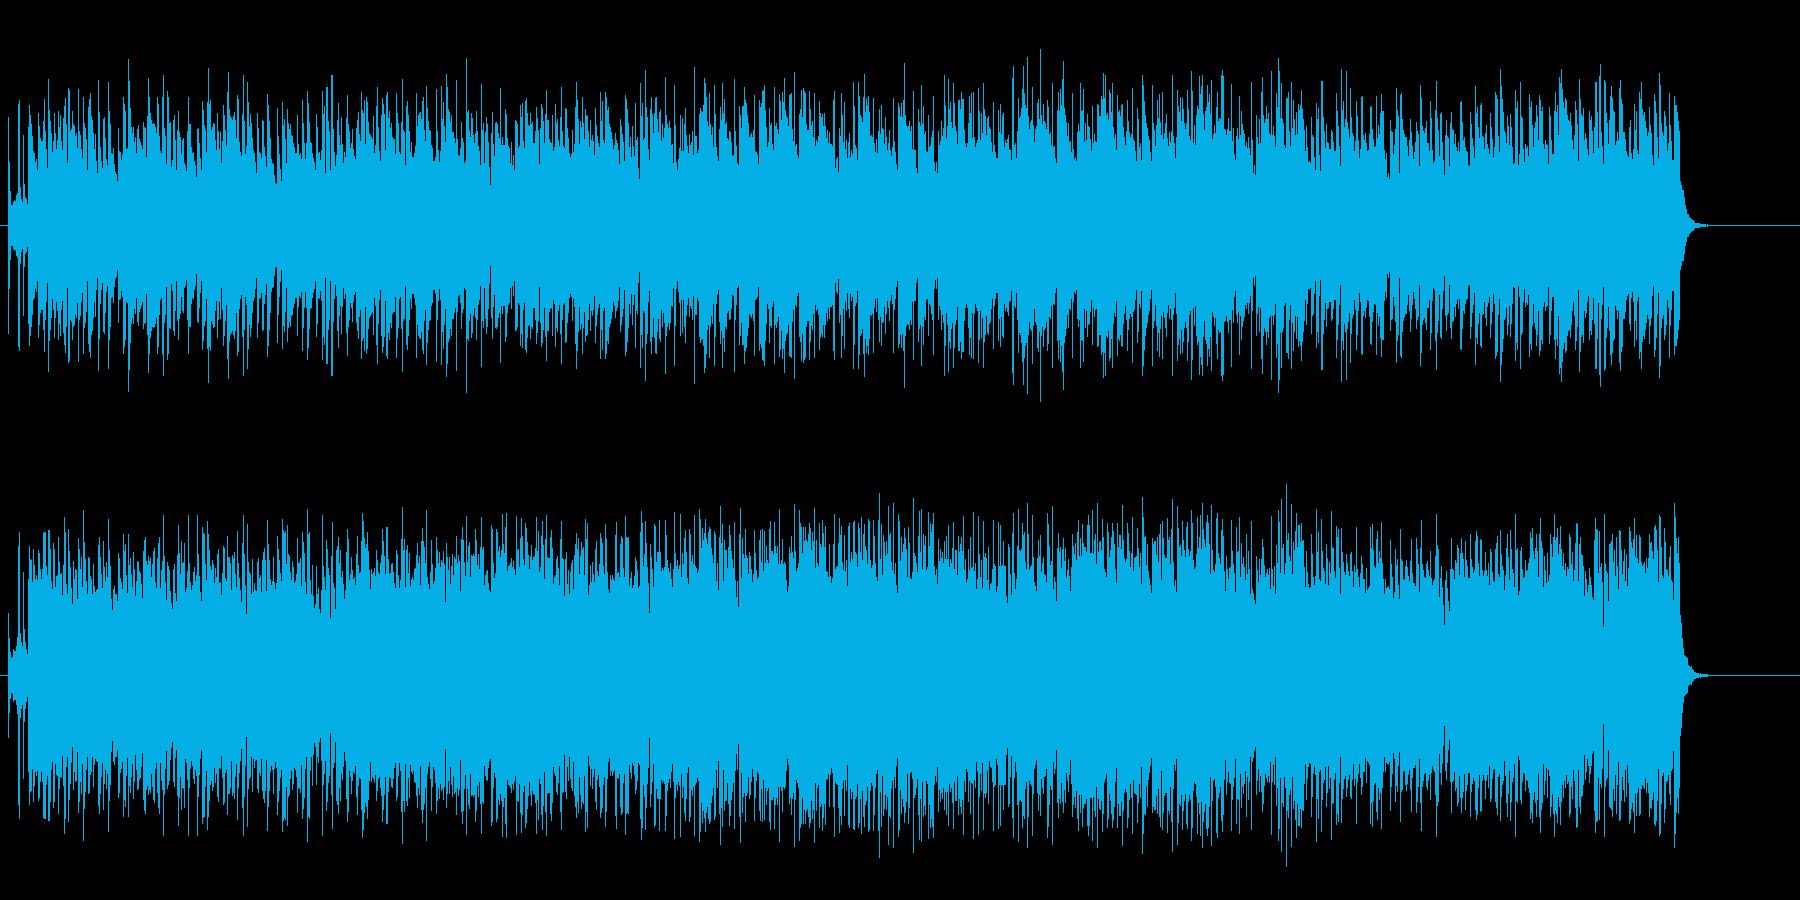 落ち着いたニュー・ミュージック系ポップスの再生済みの波形